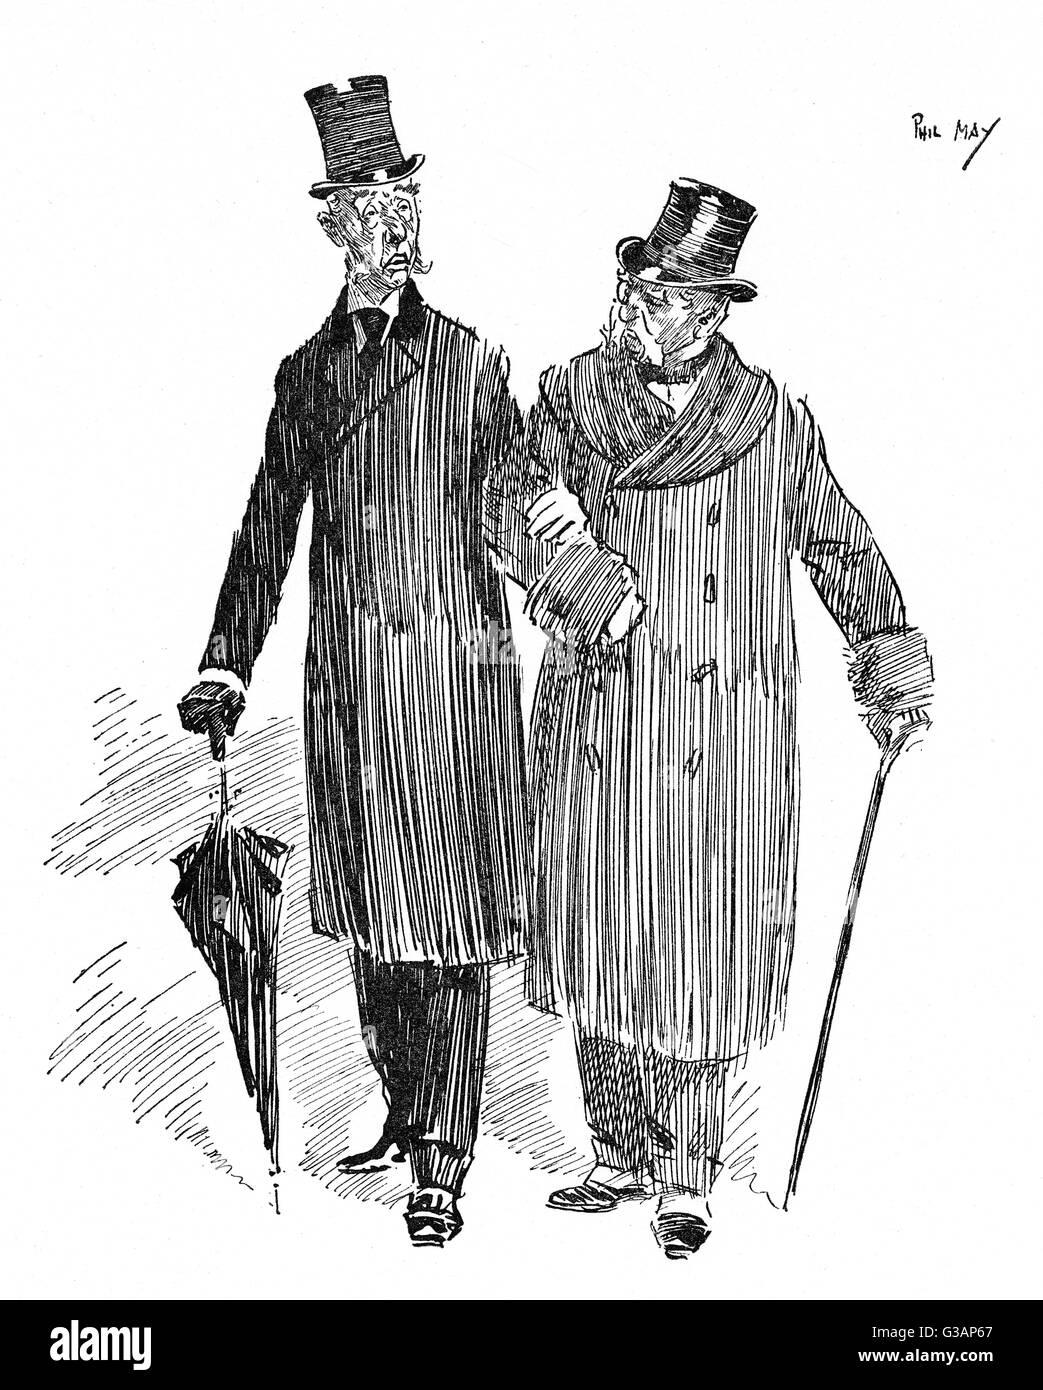 """Condoling Freund (vor kurzem Hinterbliebene Witwer) - """"es furchtbar schwer, seine Frau zu verlieren sein muss."""" Stockbild"""